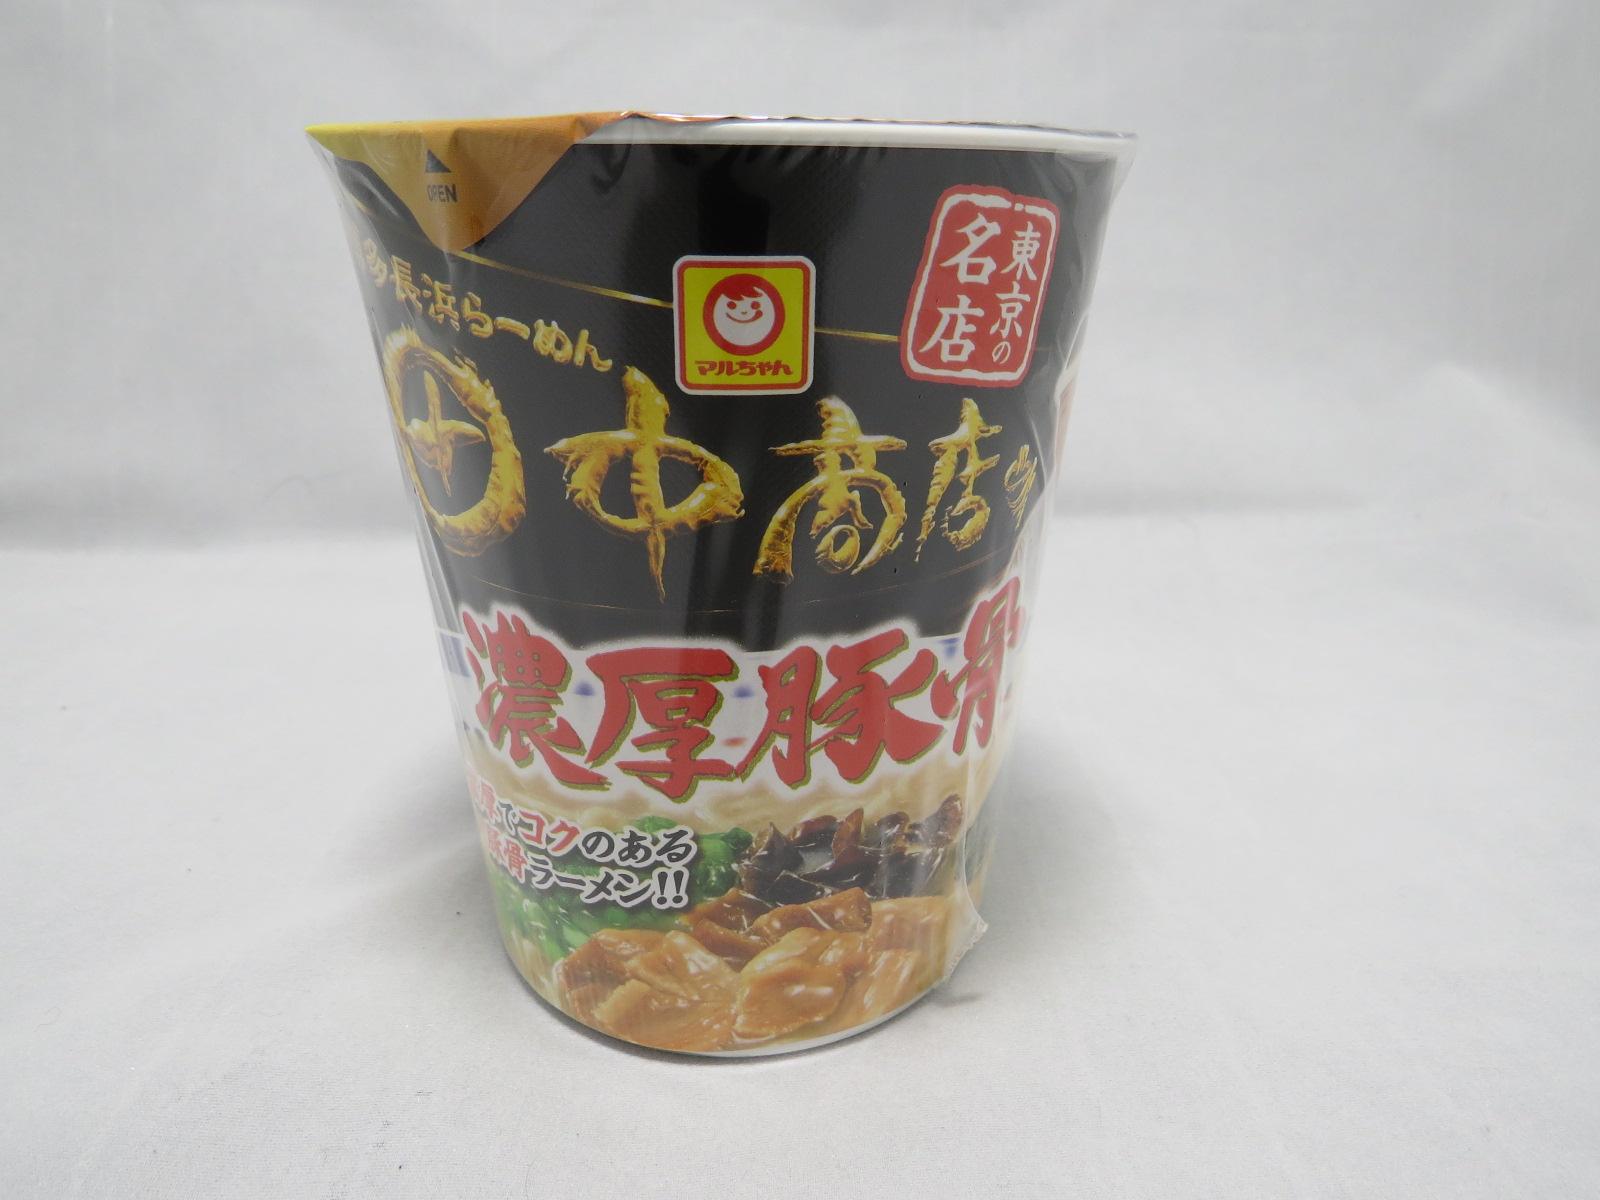 田中商店のカップラーメンを実食